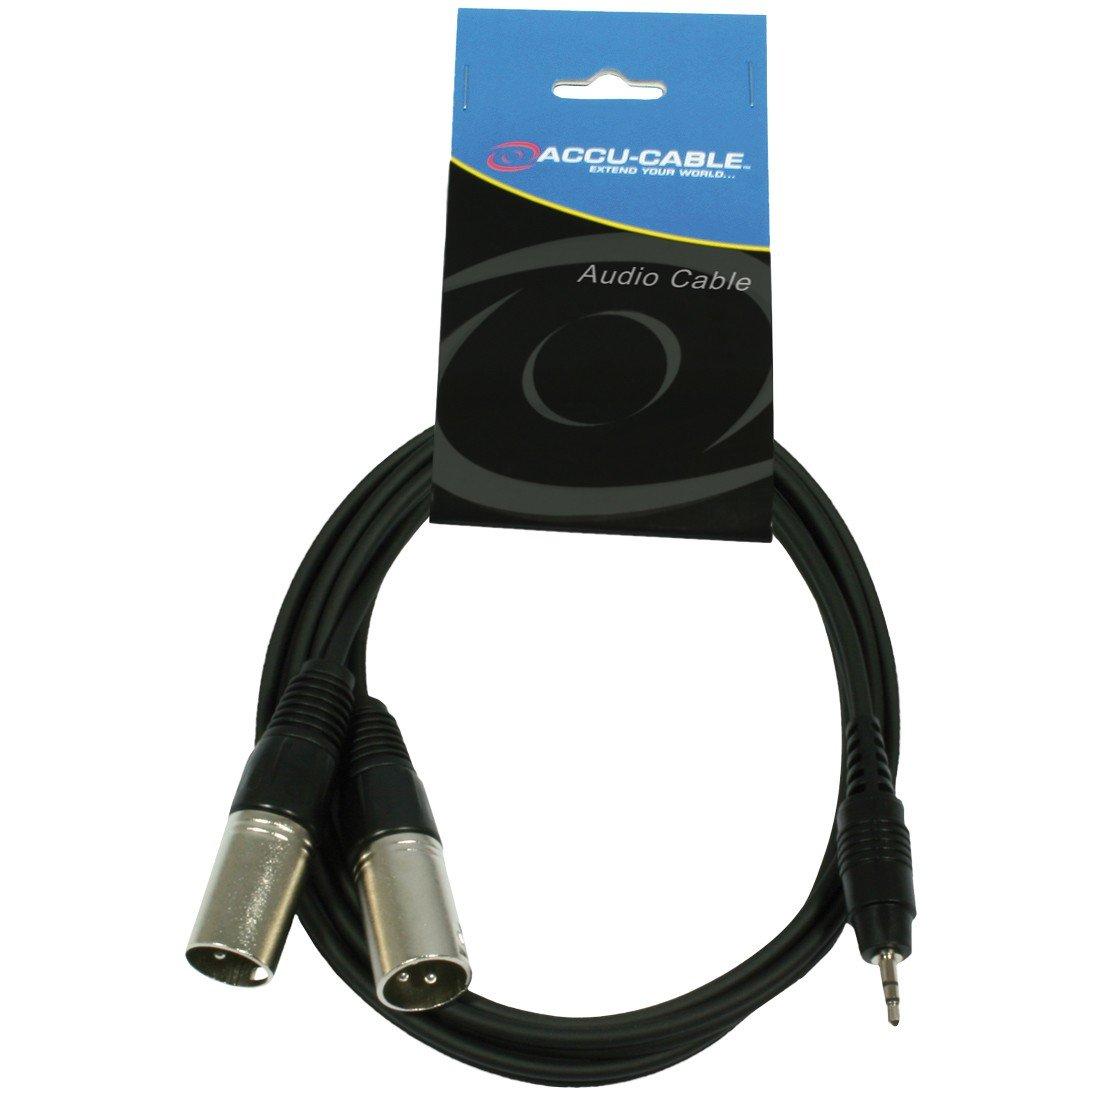 3.5 mm, macho, 1.5 m Accu Cable AC-J3S-2XM Cable para altavoz XLR a mini jack TS negro